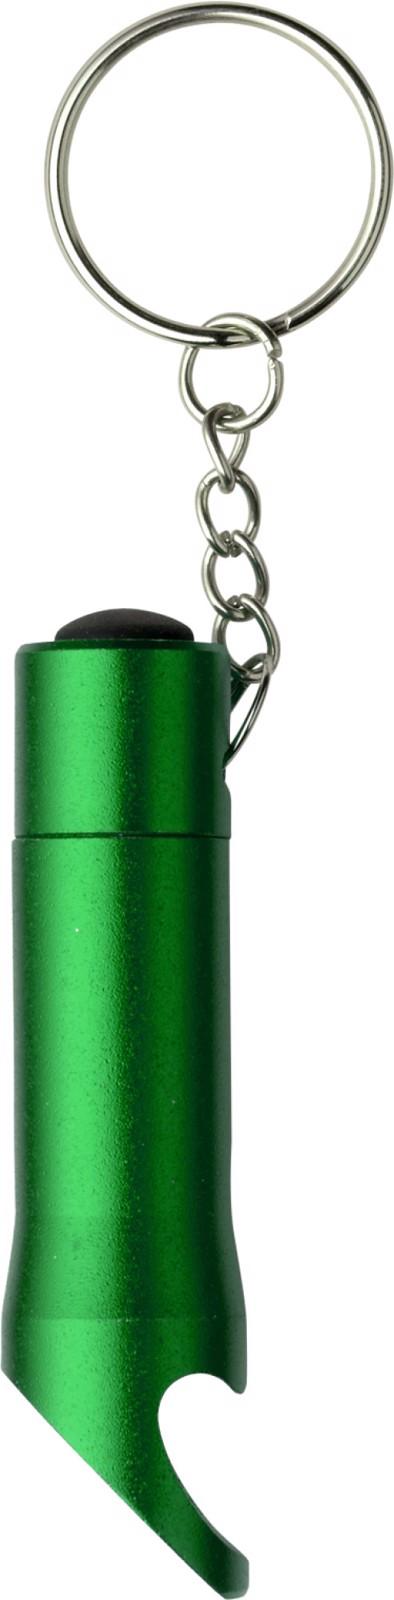 Aluminium 2-in-1 key holder - Light Green